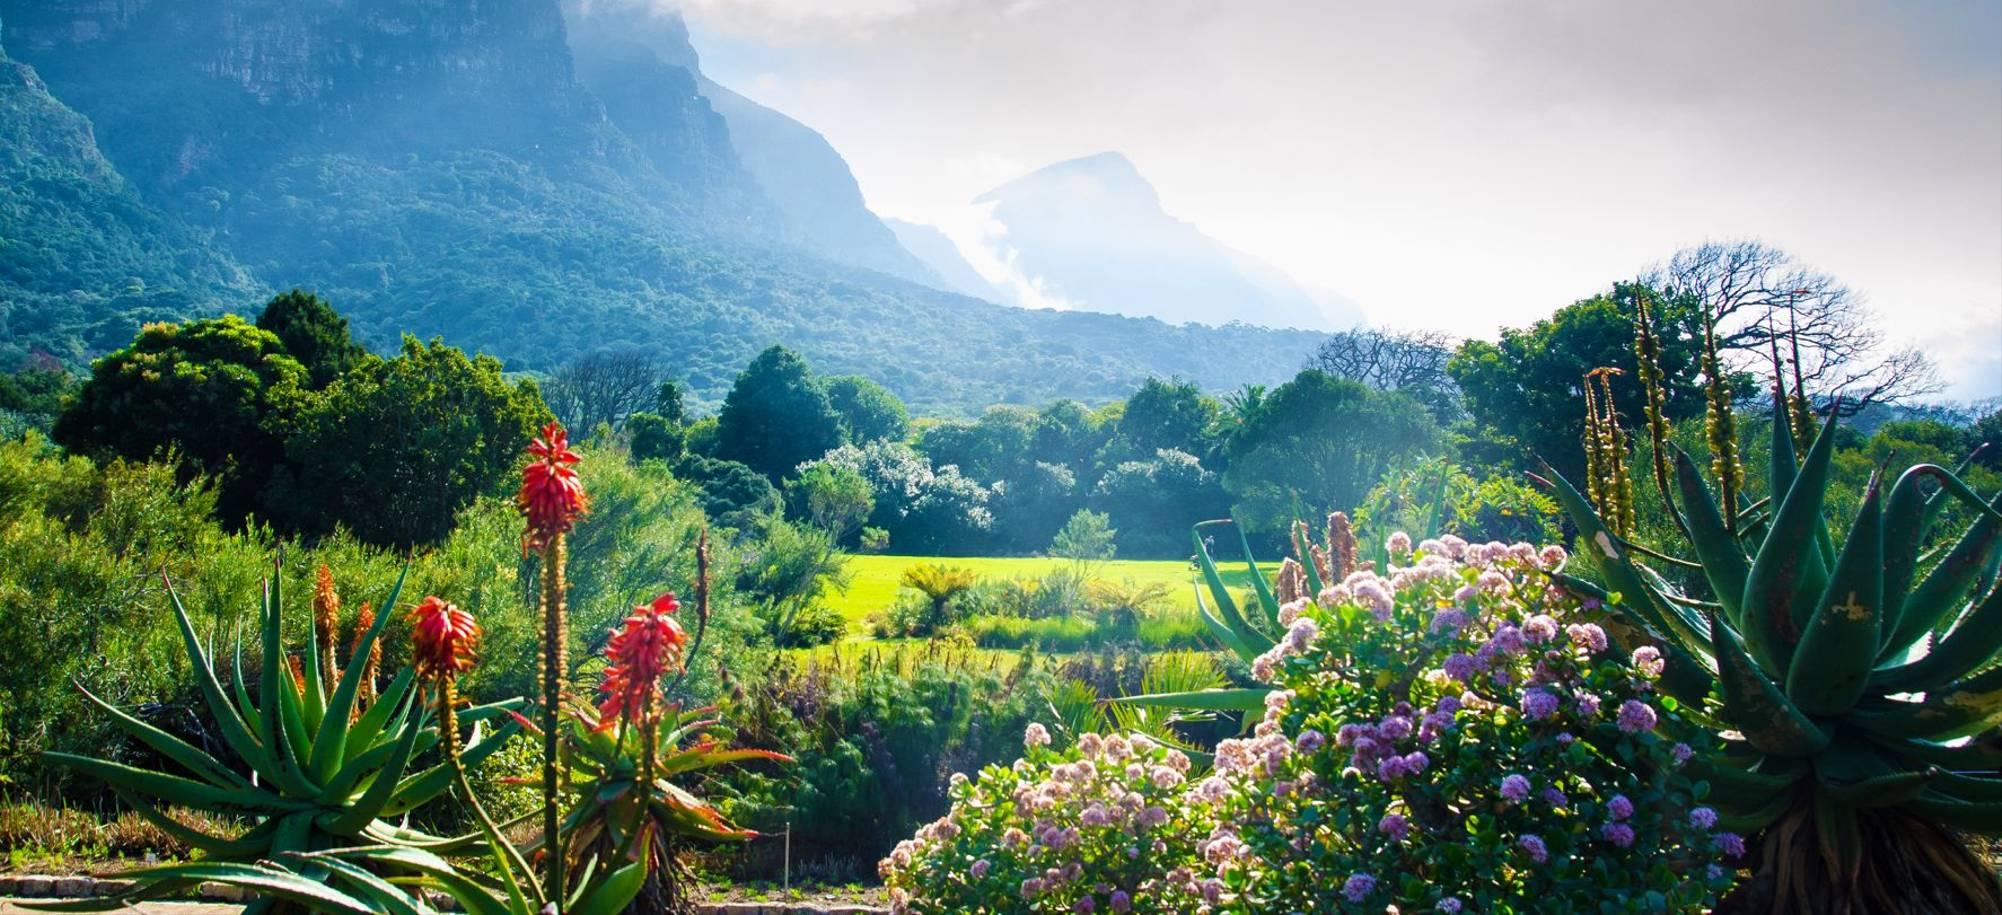 Cape Town - Kirstenbosch Gardens - Itinerary Desktop .jpg